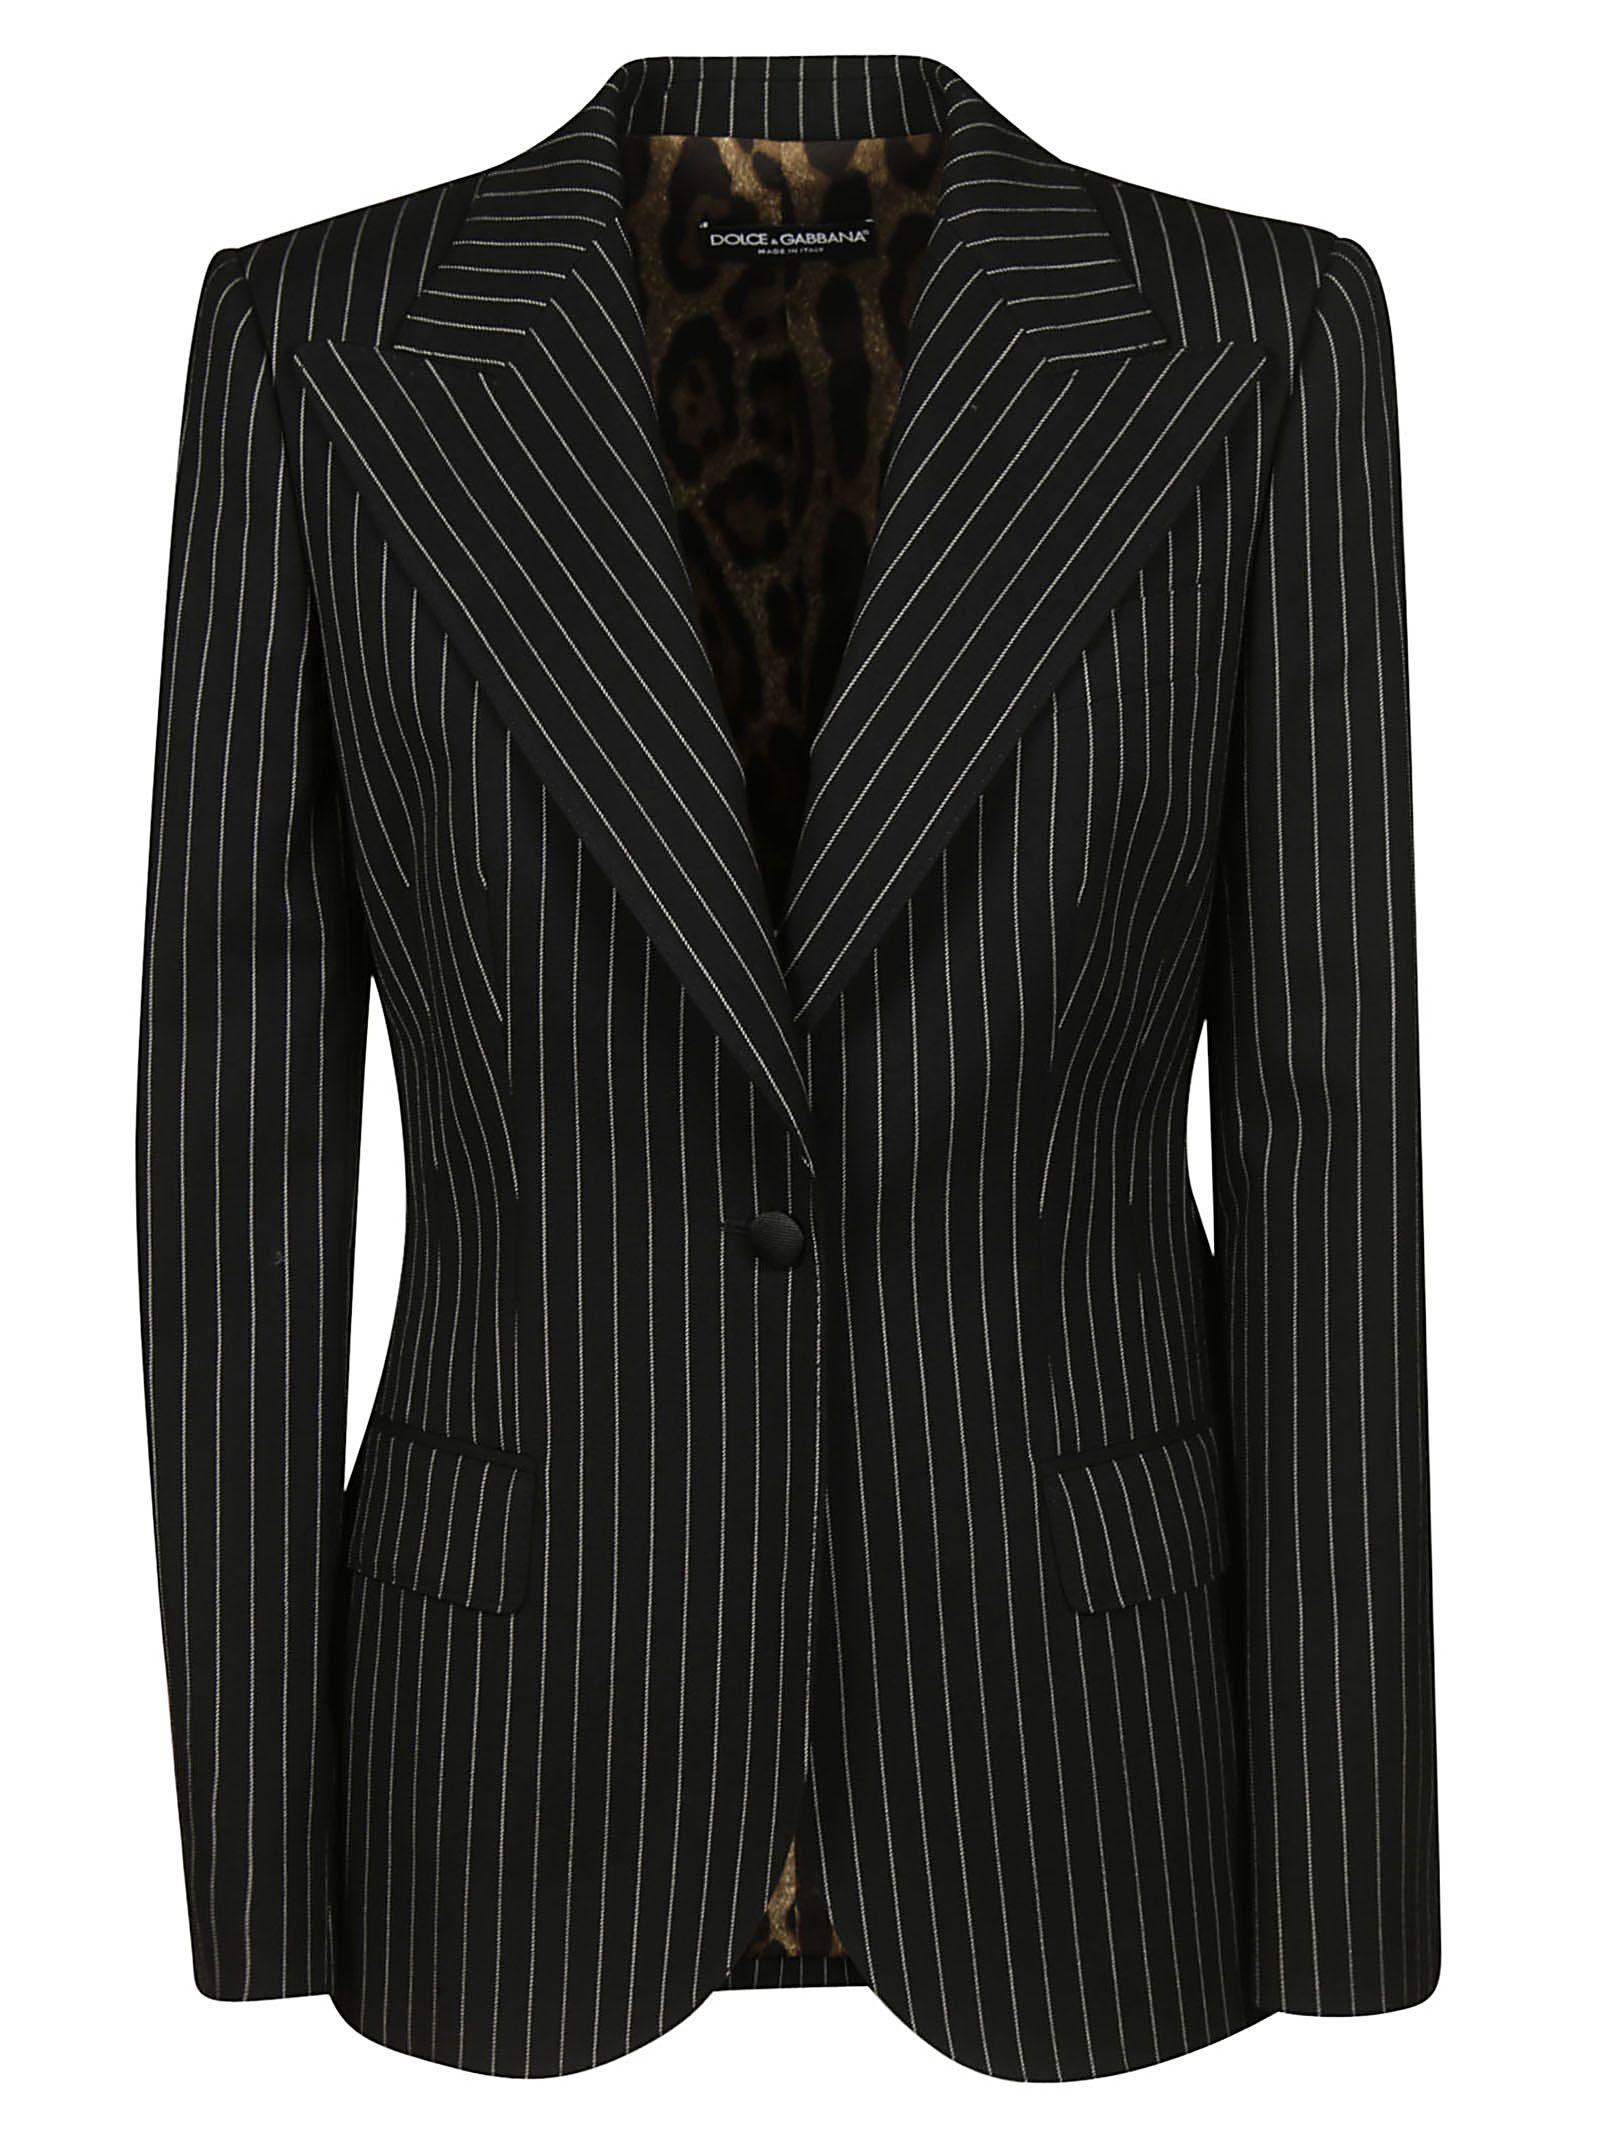 Dolce & Gabbana Striped Blazer